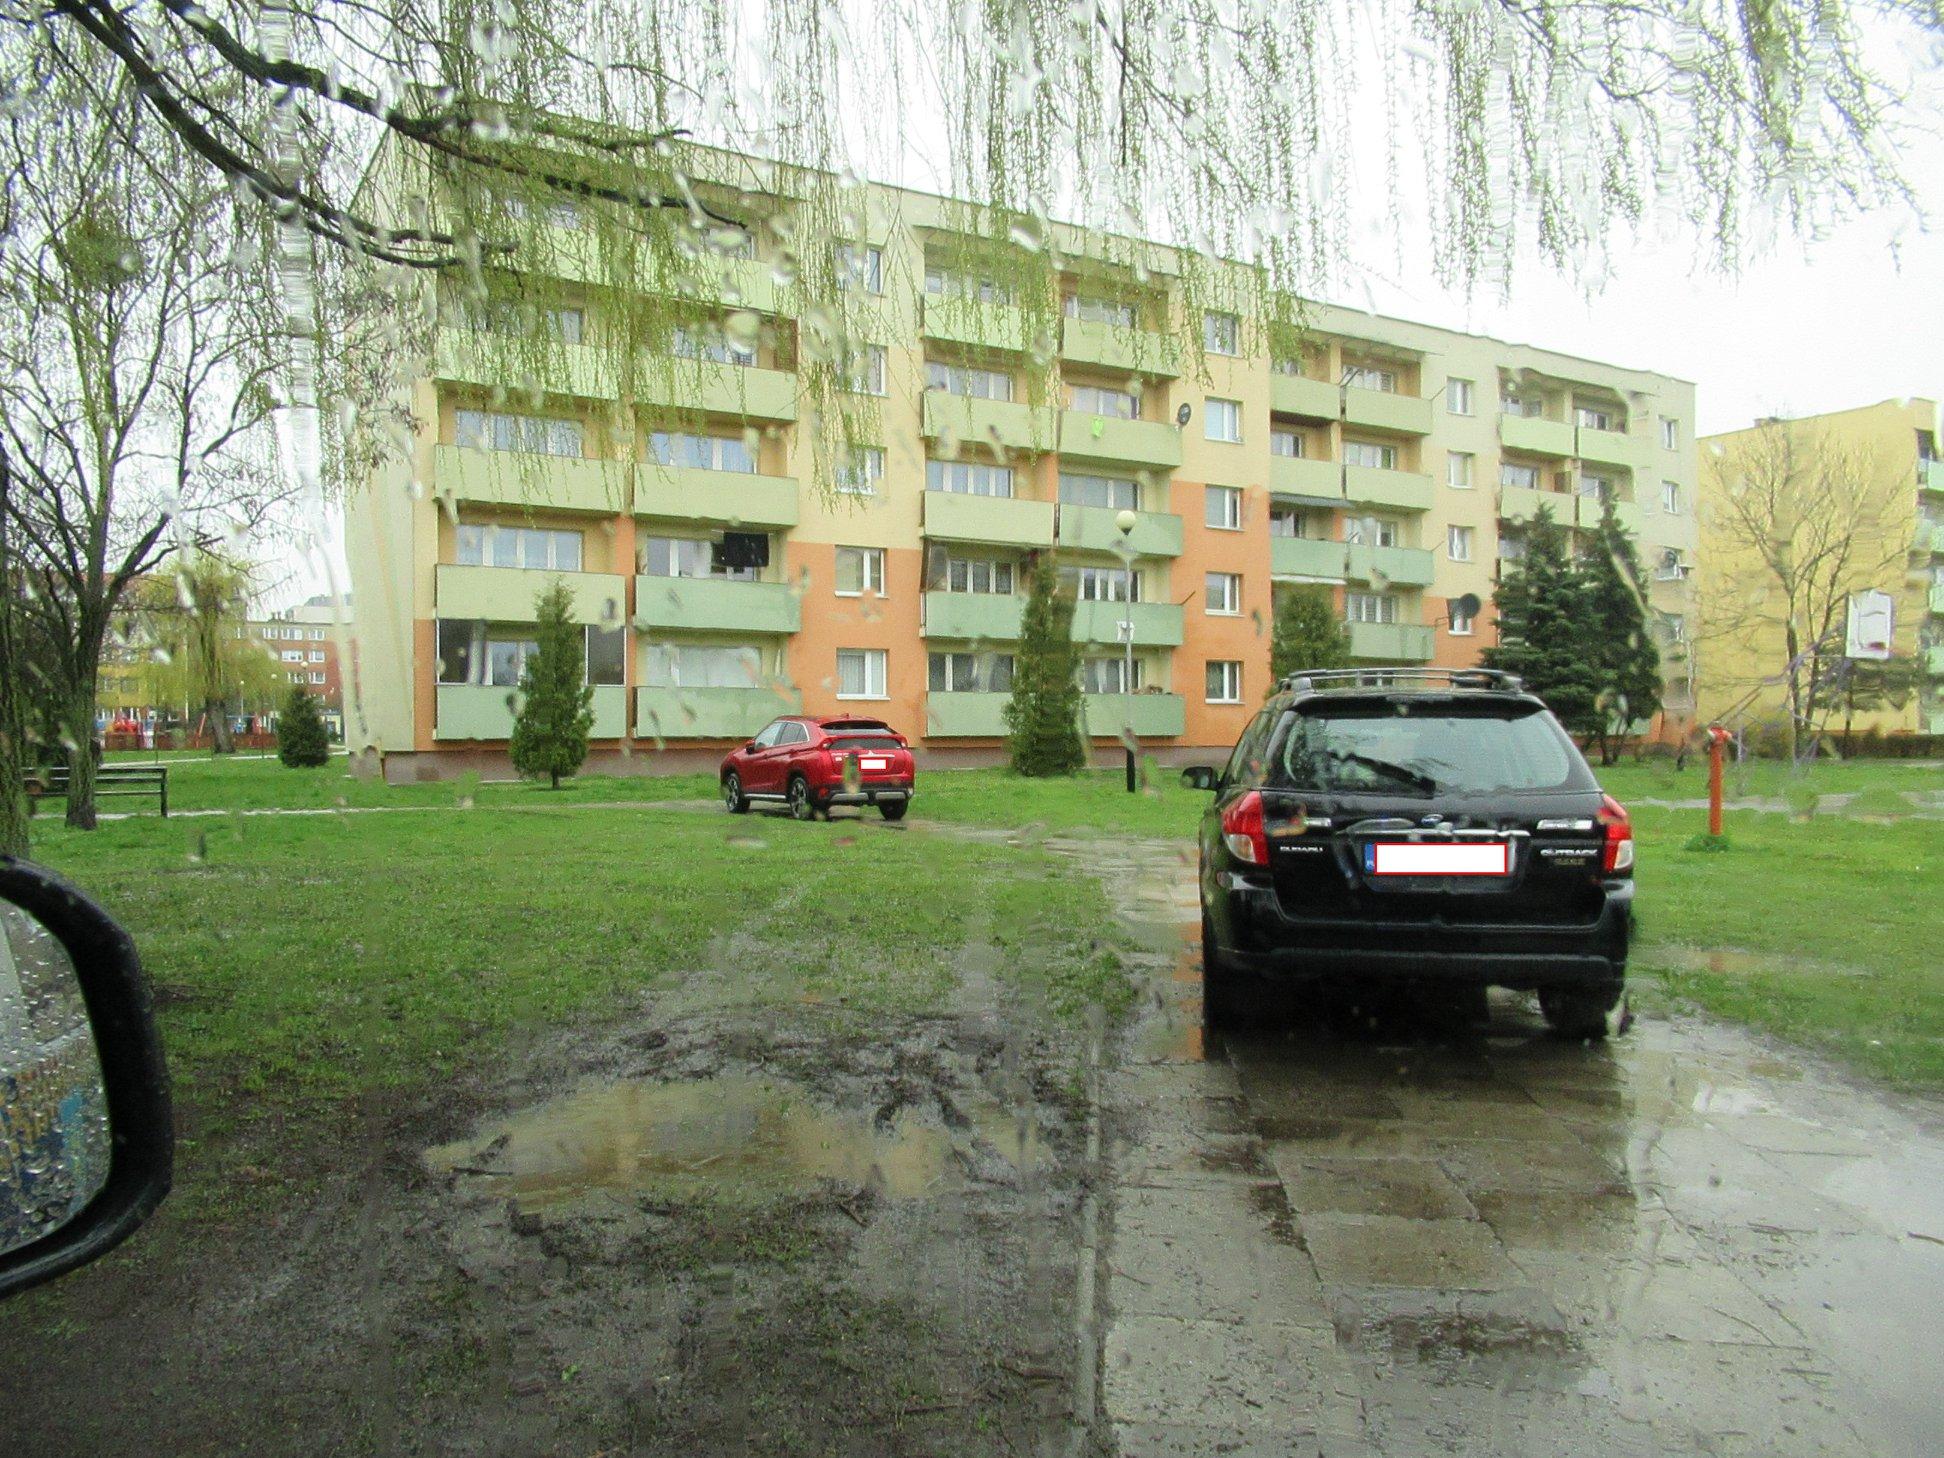 Zobacz MISTRZÓW PARKOWANIA w Tarnobrzegu [ZDJĘCIA] - Zdjęcie główne